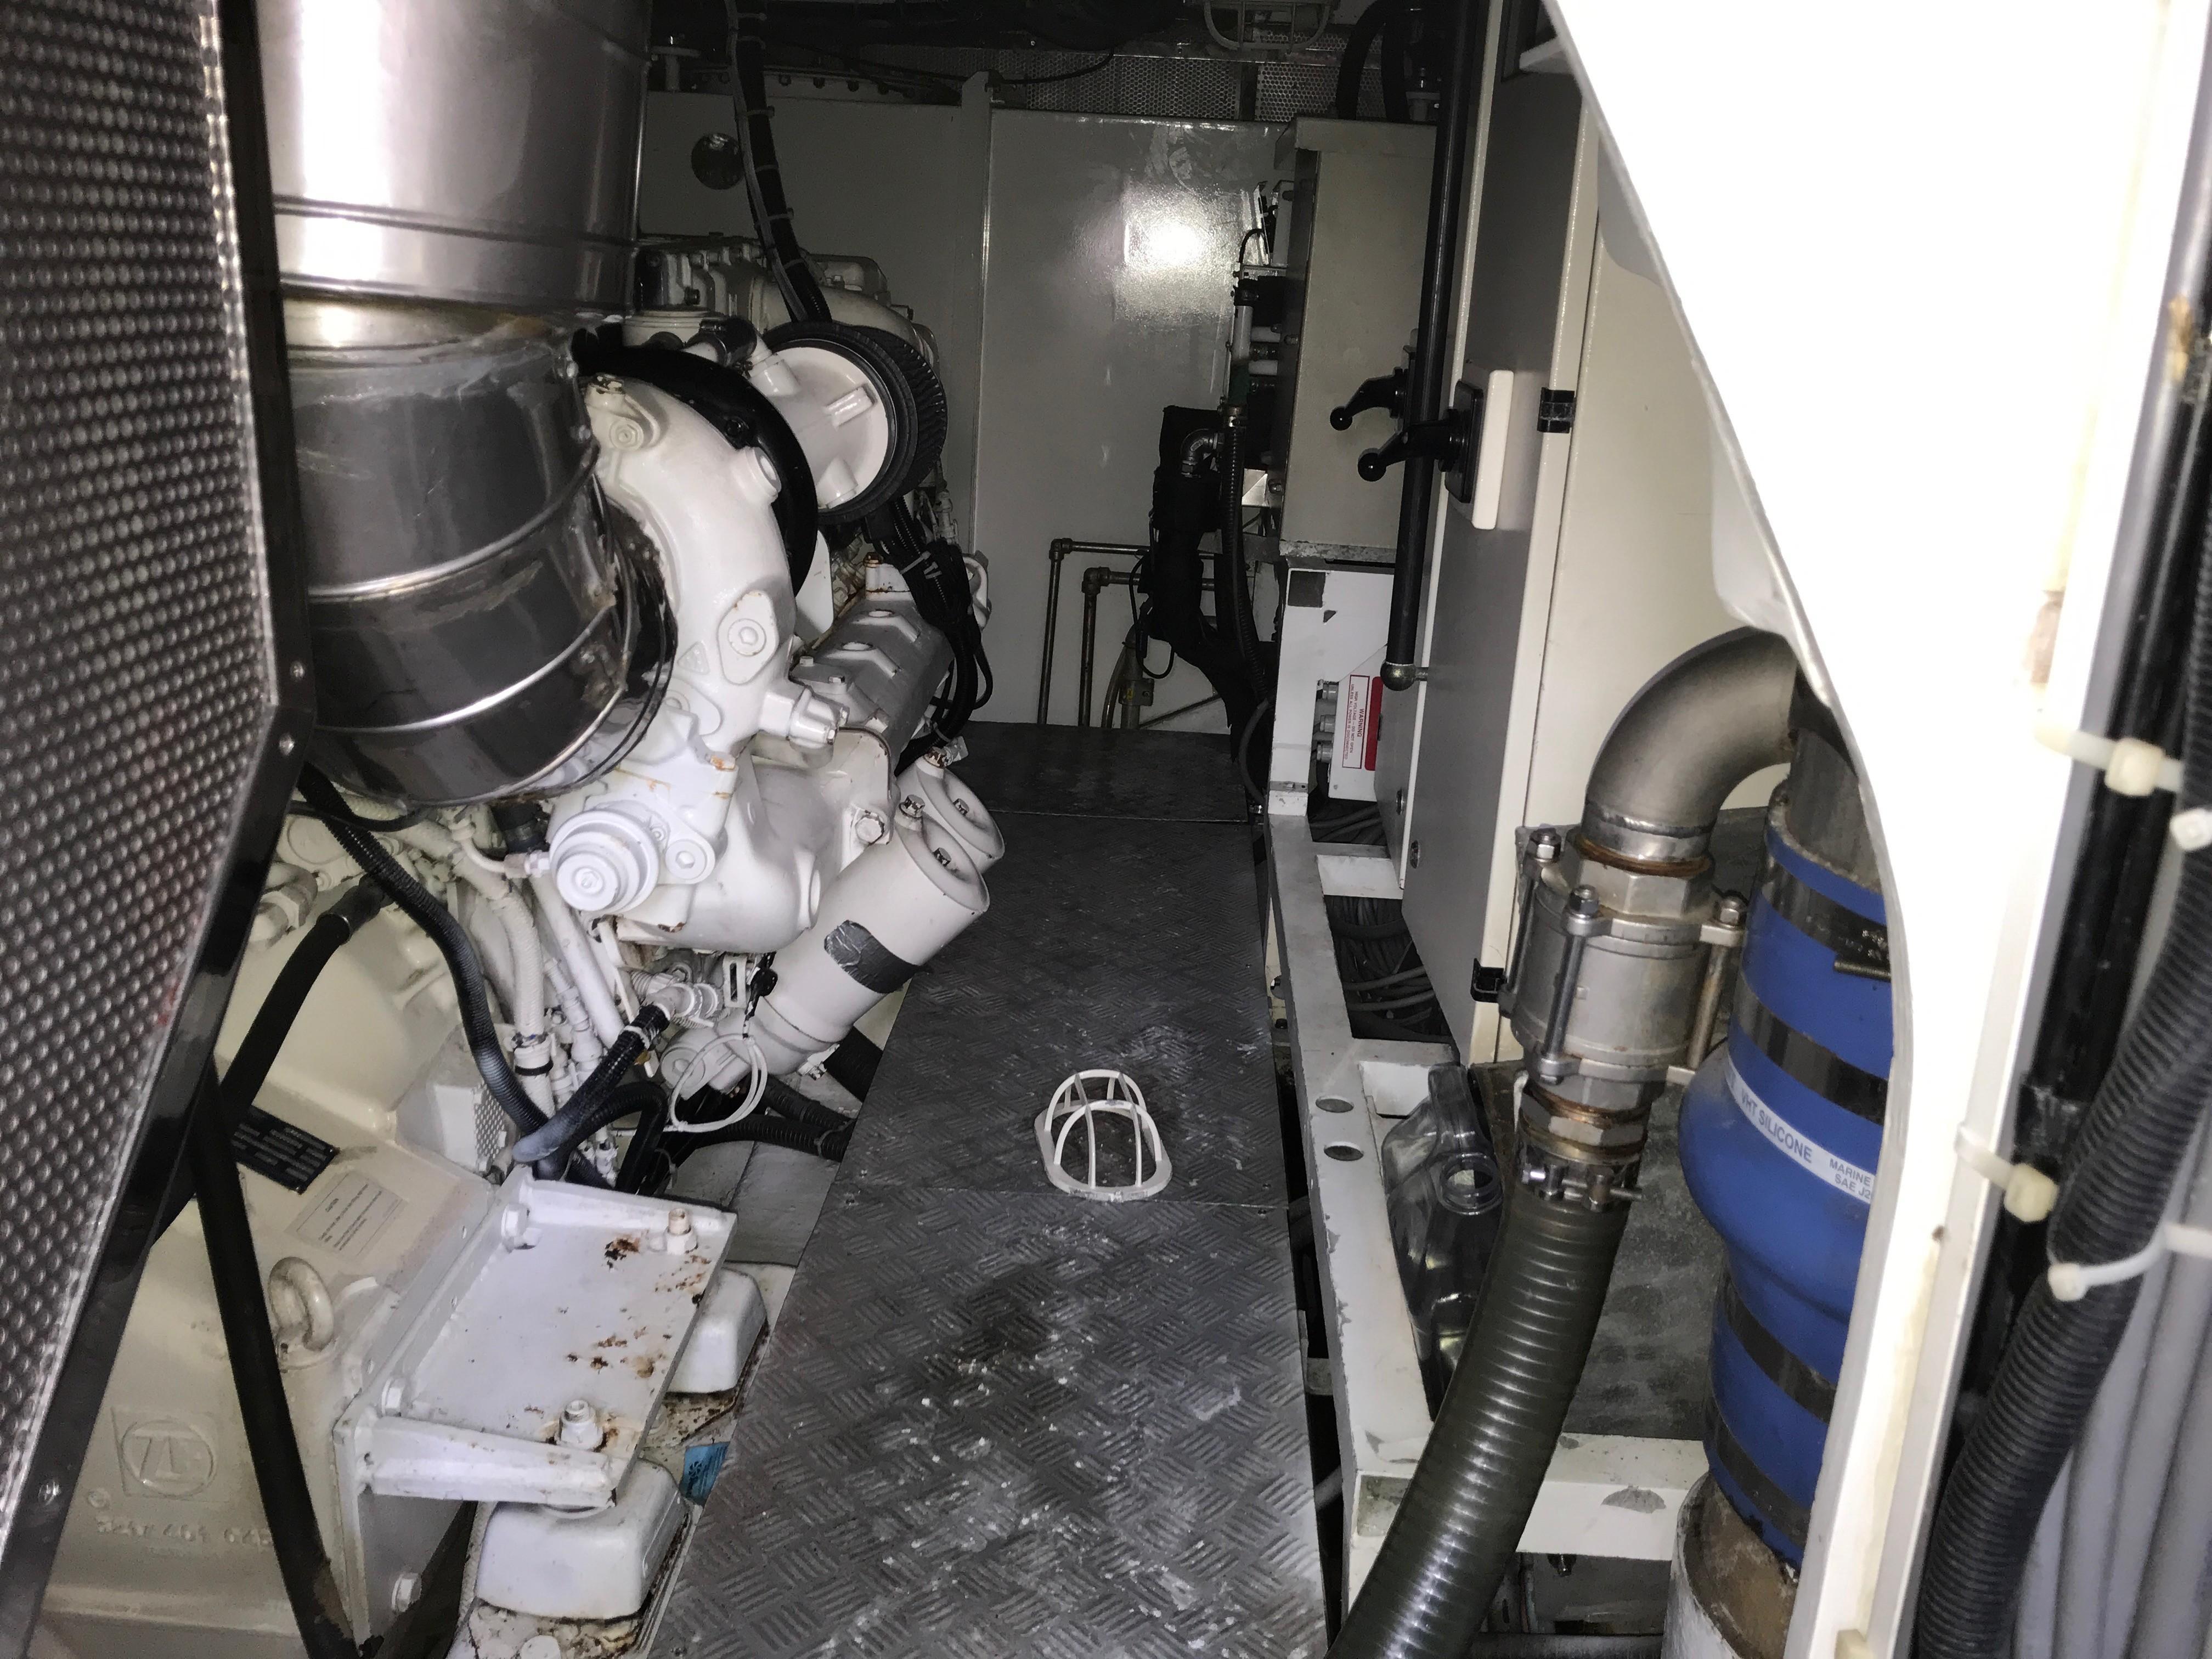 Engine room details